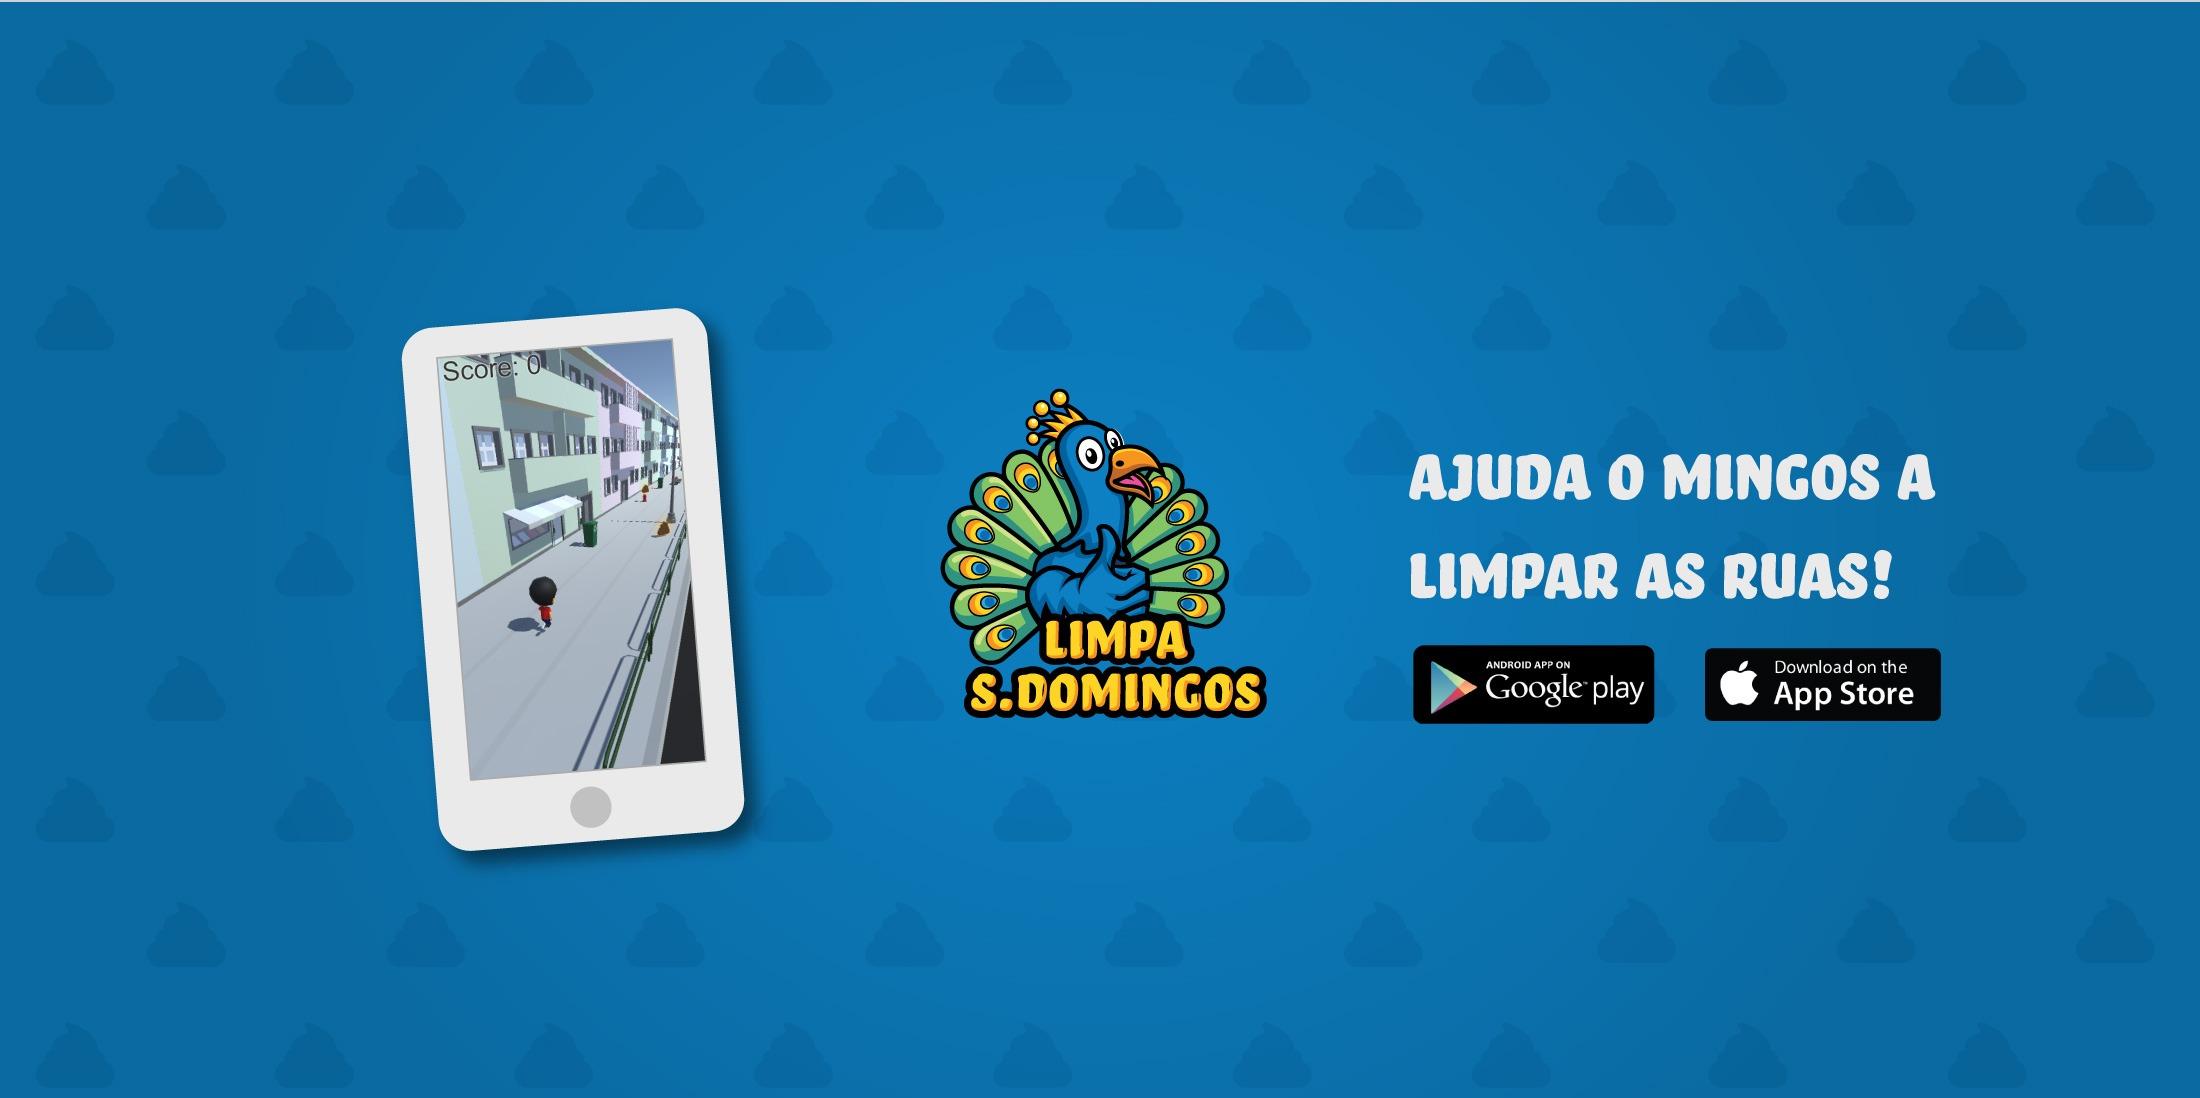 Desenvolvimento de app Limpa São Domingos